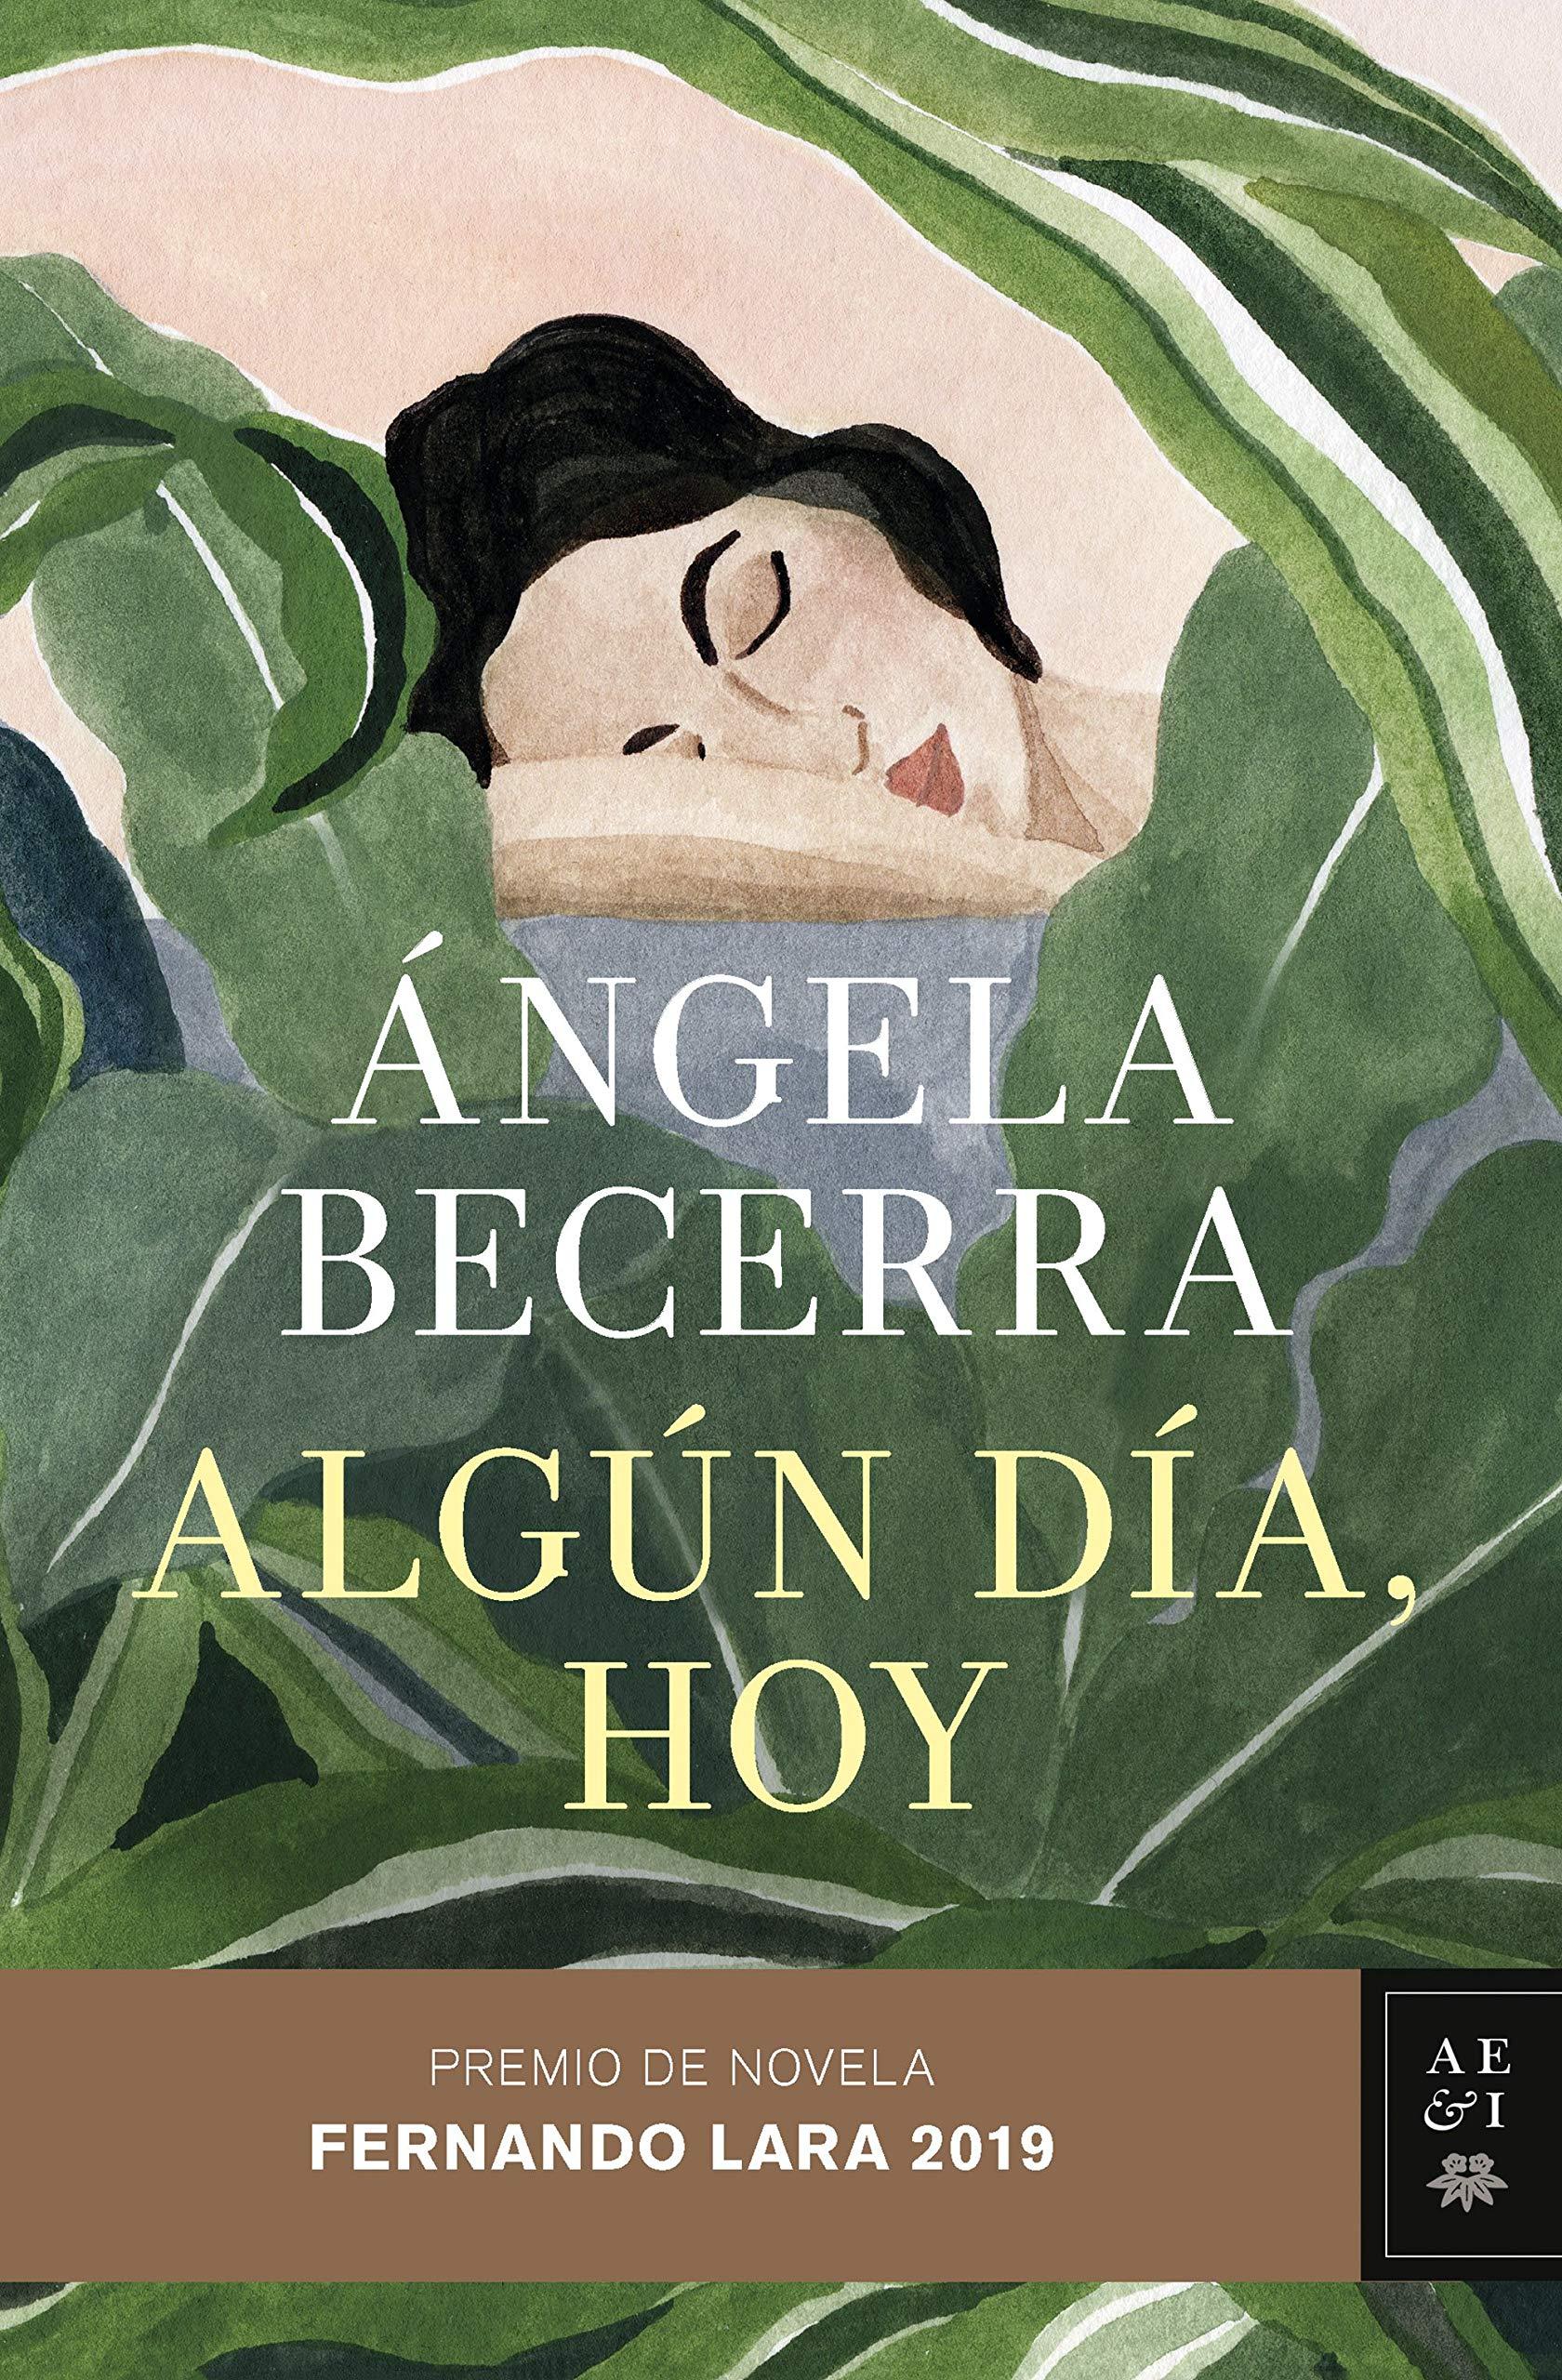 Algún día, hoy (Ángela Becerra, 2019)